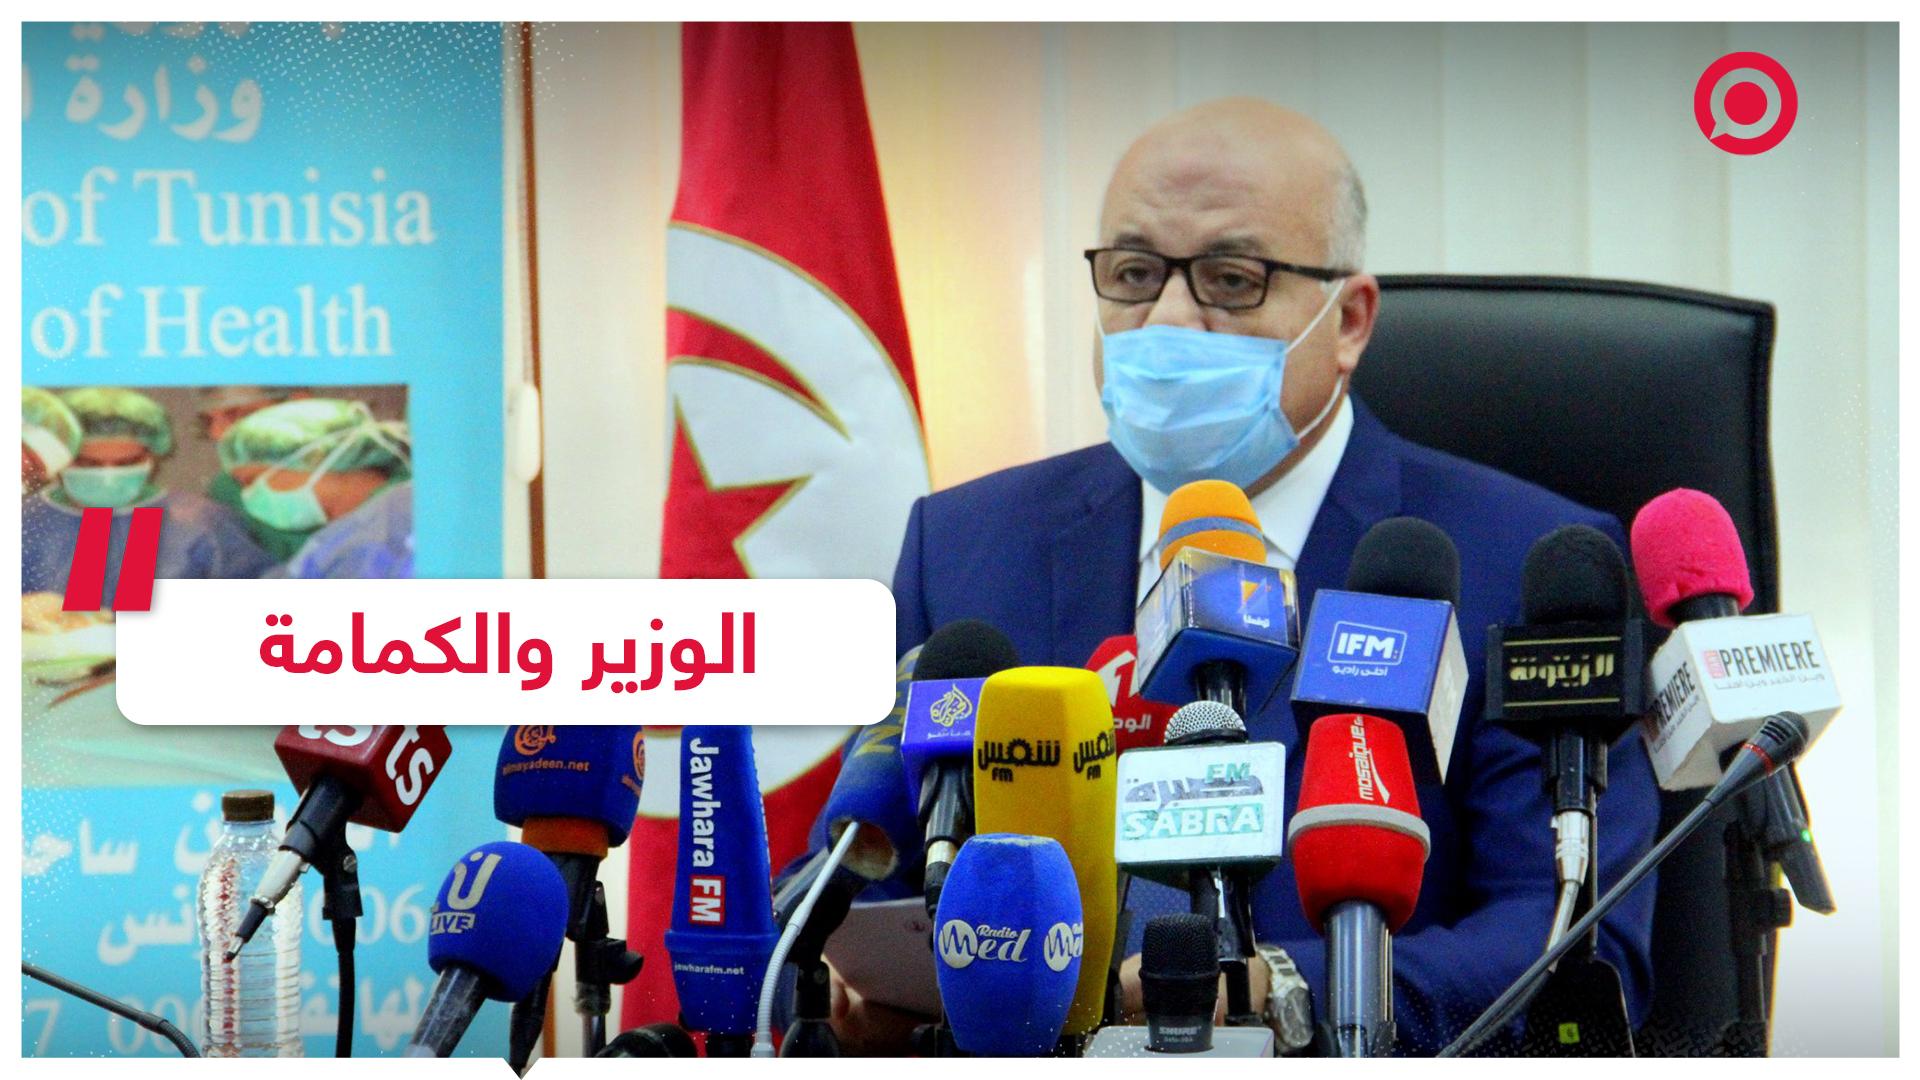 صحفية تحرج وزير الصحة التونسي